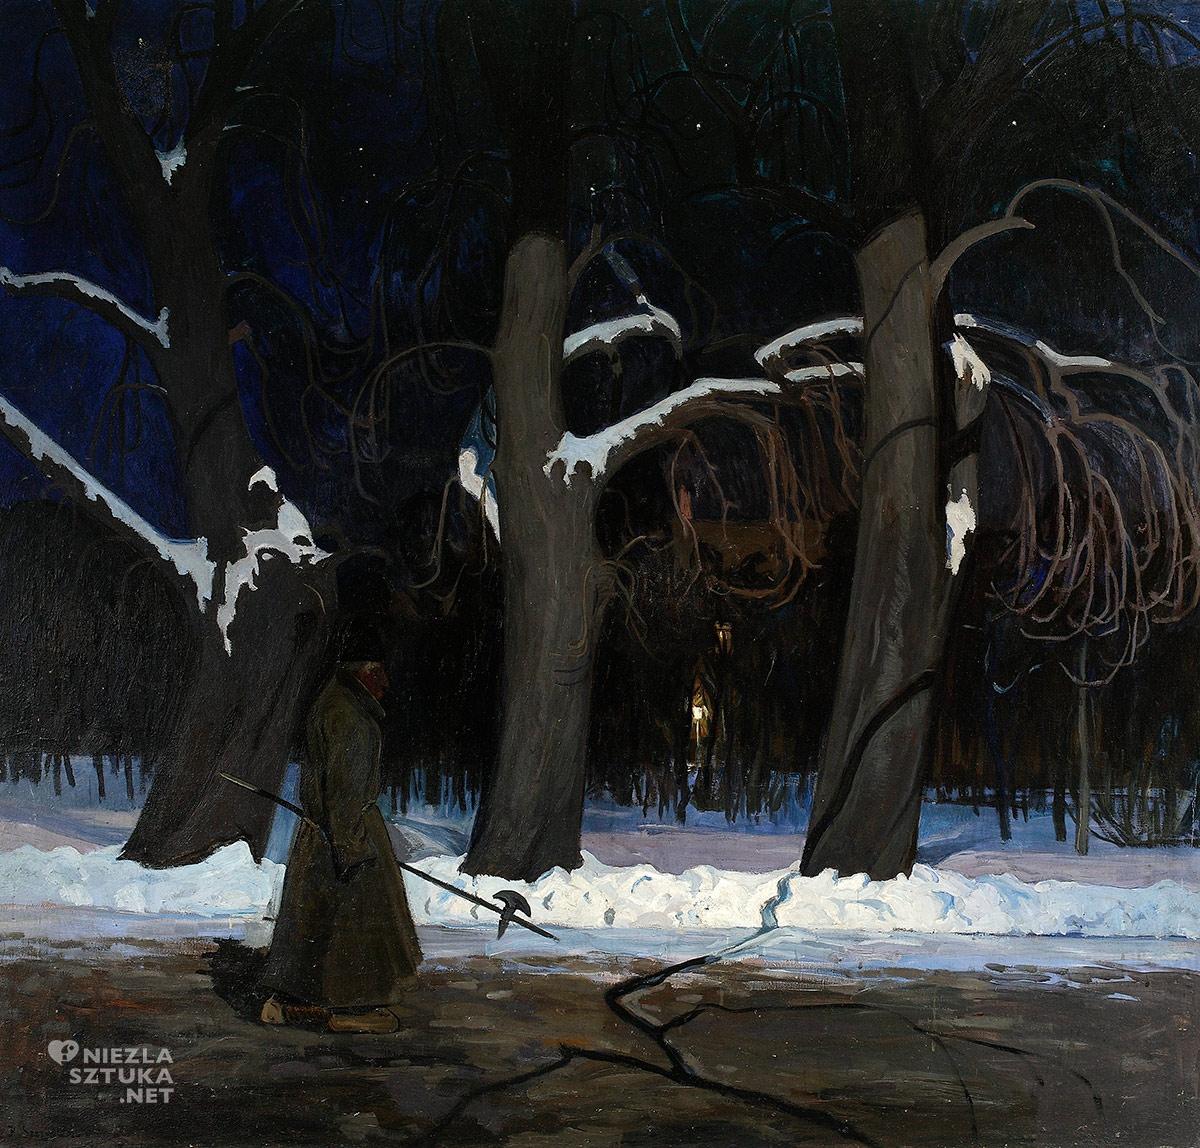 Henryk Szczygiński, Pejzaż zimowy nocą z halabardnikiem, malarstwo polskie, sztuka polska, Niezła Sztuka